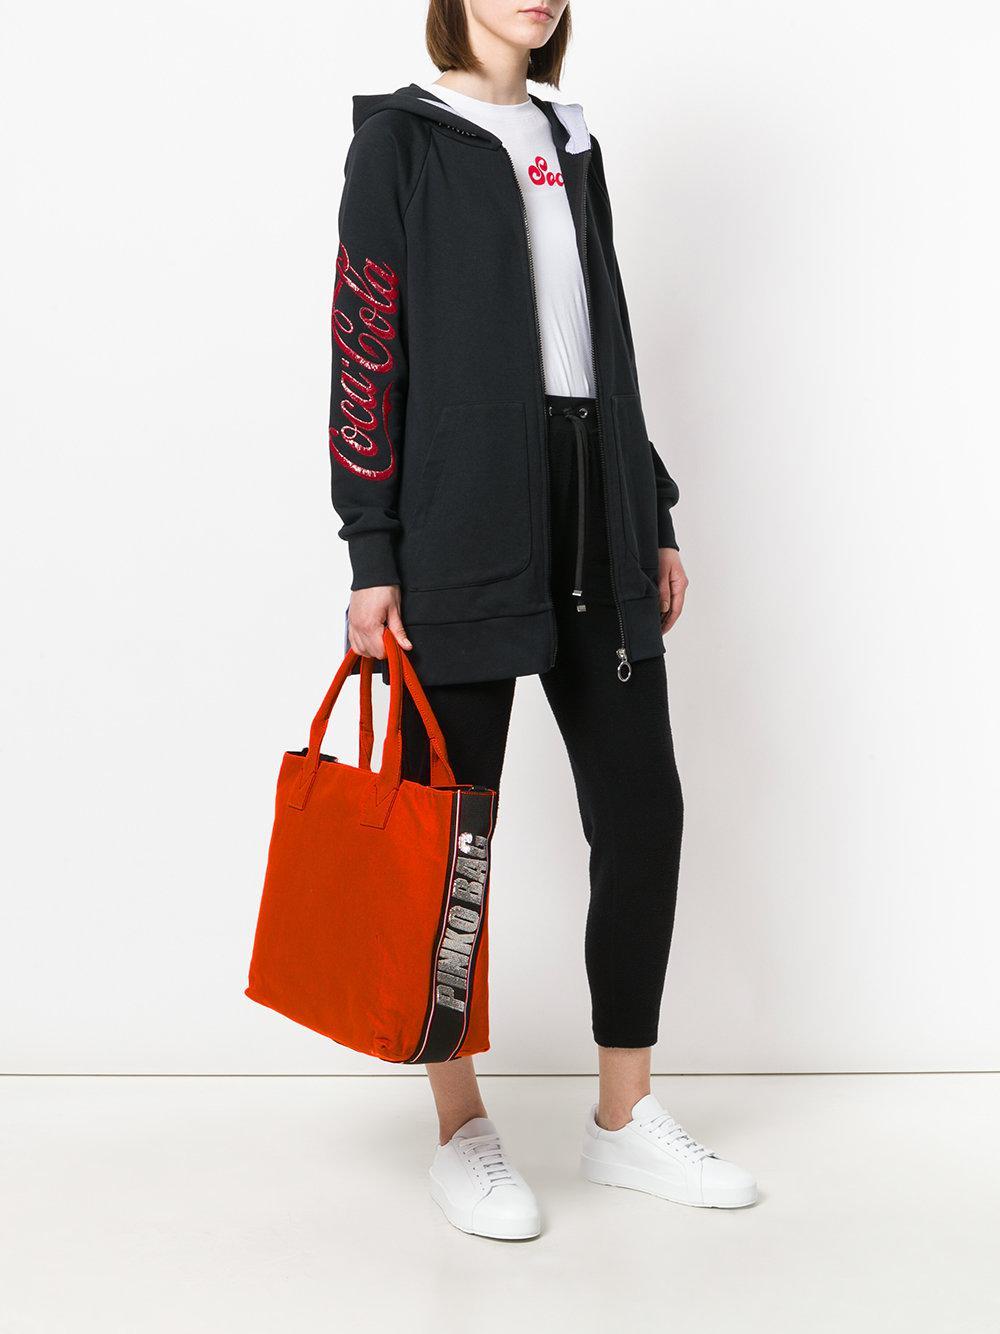 Pinko Cotton Alaccia Tote Bag in Yellow & Orange (Orange)